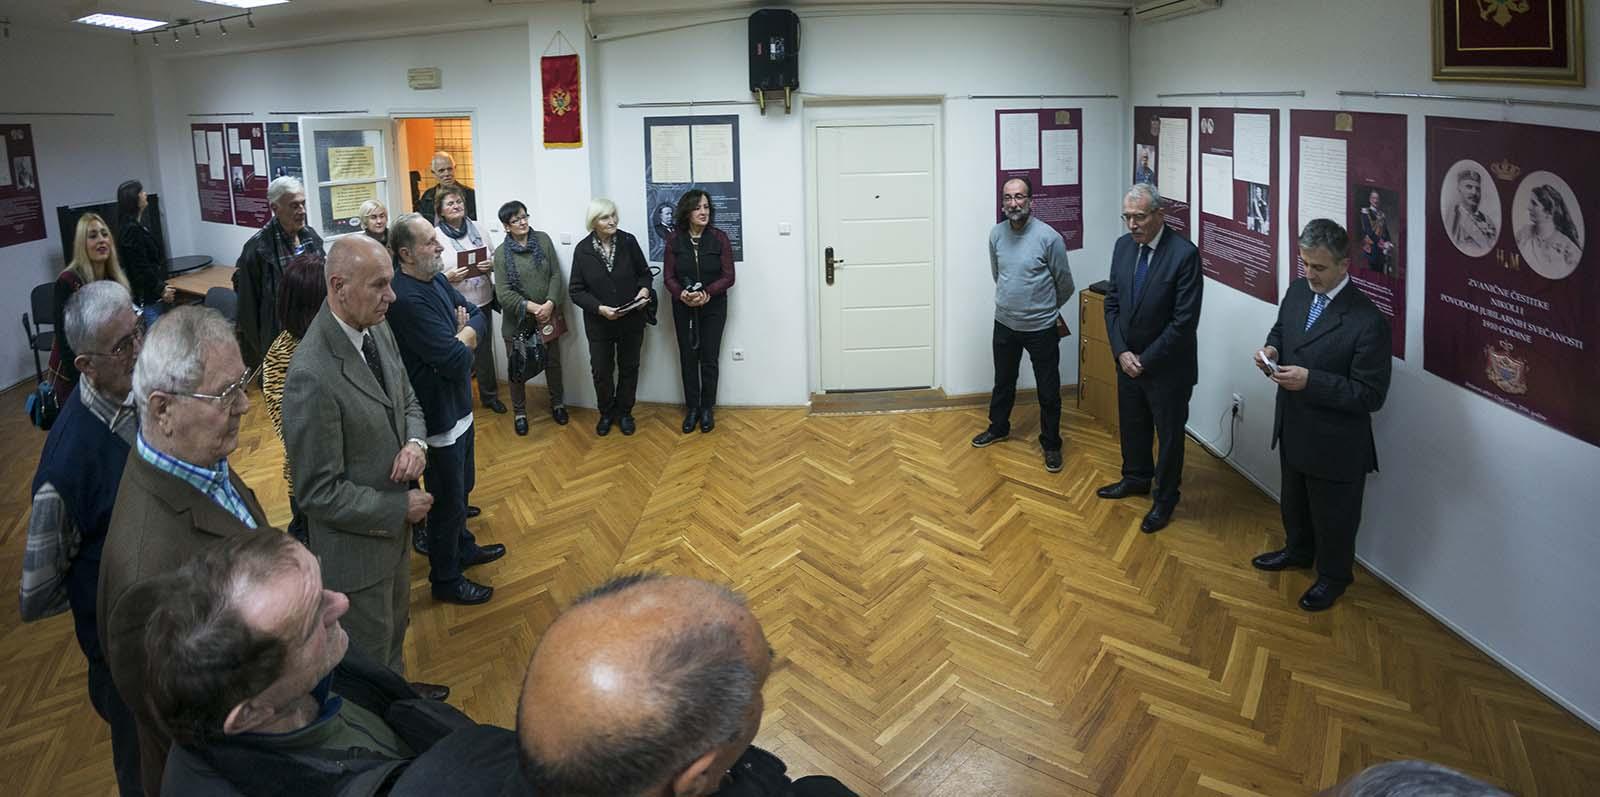 Izlozba U Crnogorskom Domu (14)